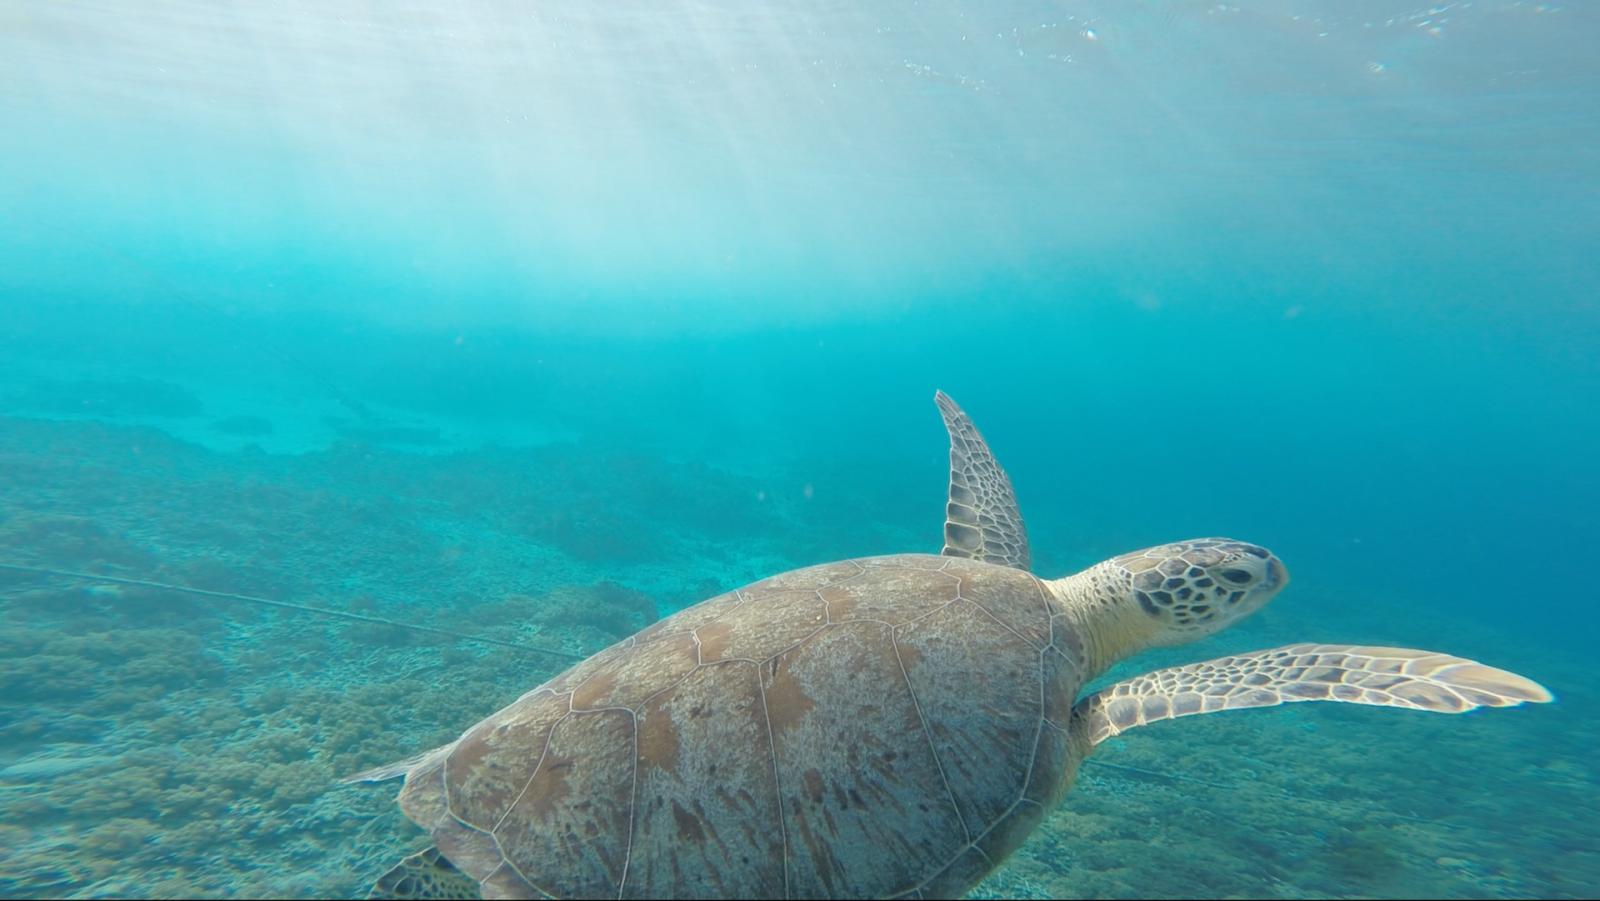 As tartarugas marinhas levam muito tempo para completarem o seu ciclo de reprodução.